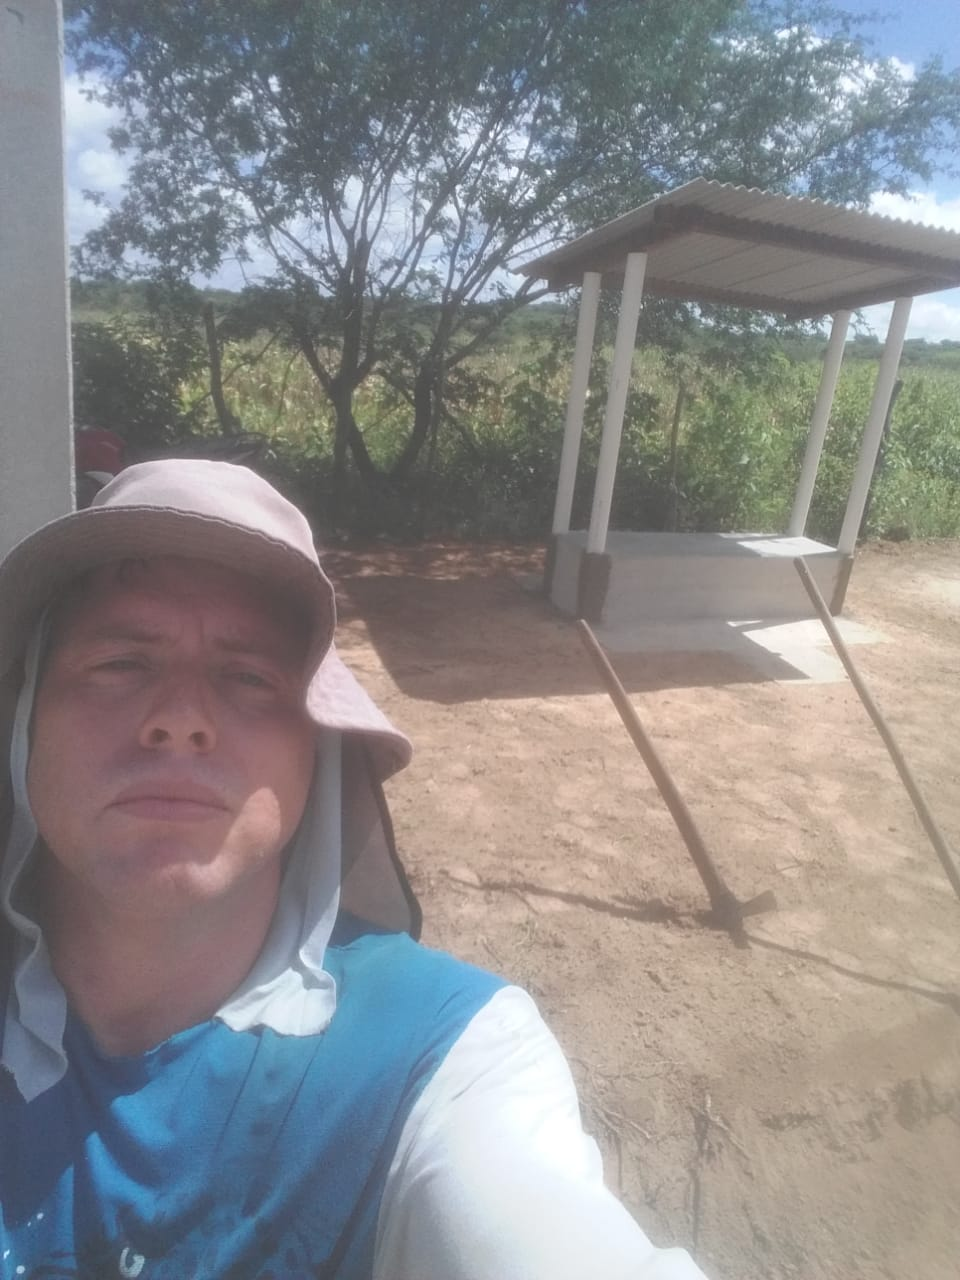 WhatsApp-Image-2020-07-04-at-09.10.34-1 Pré-candidato a vereador realiza construção de parada de ônibus em Amparo